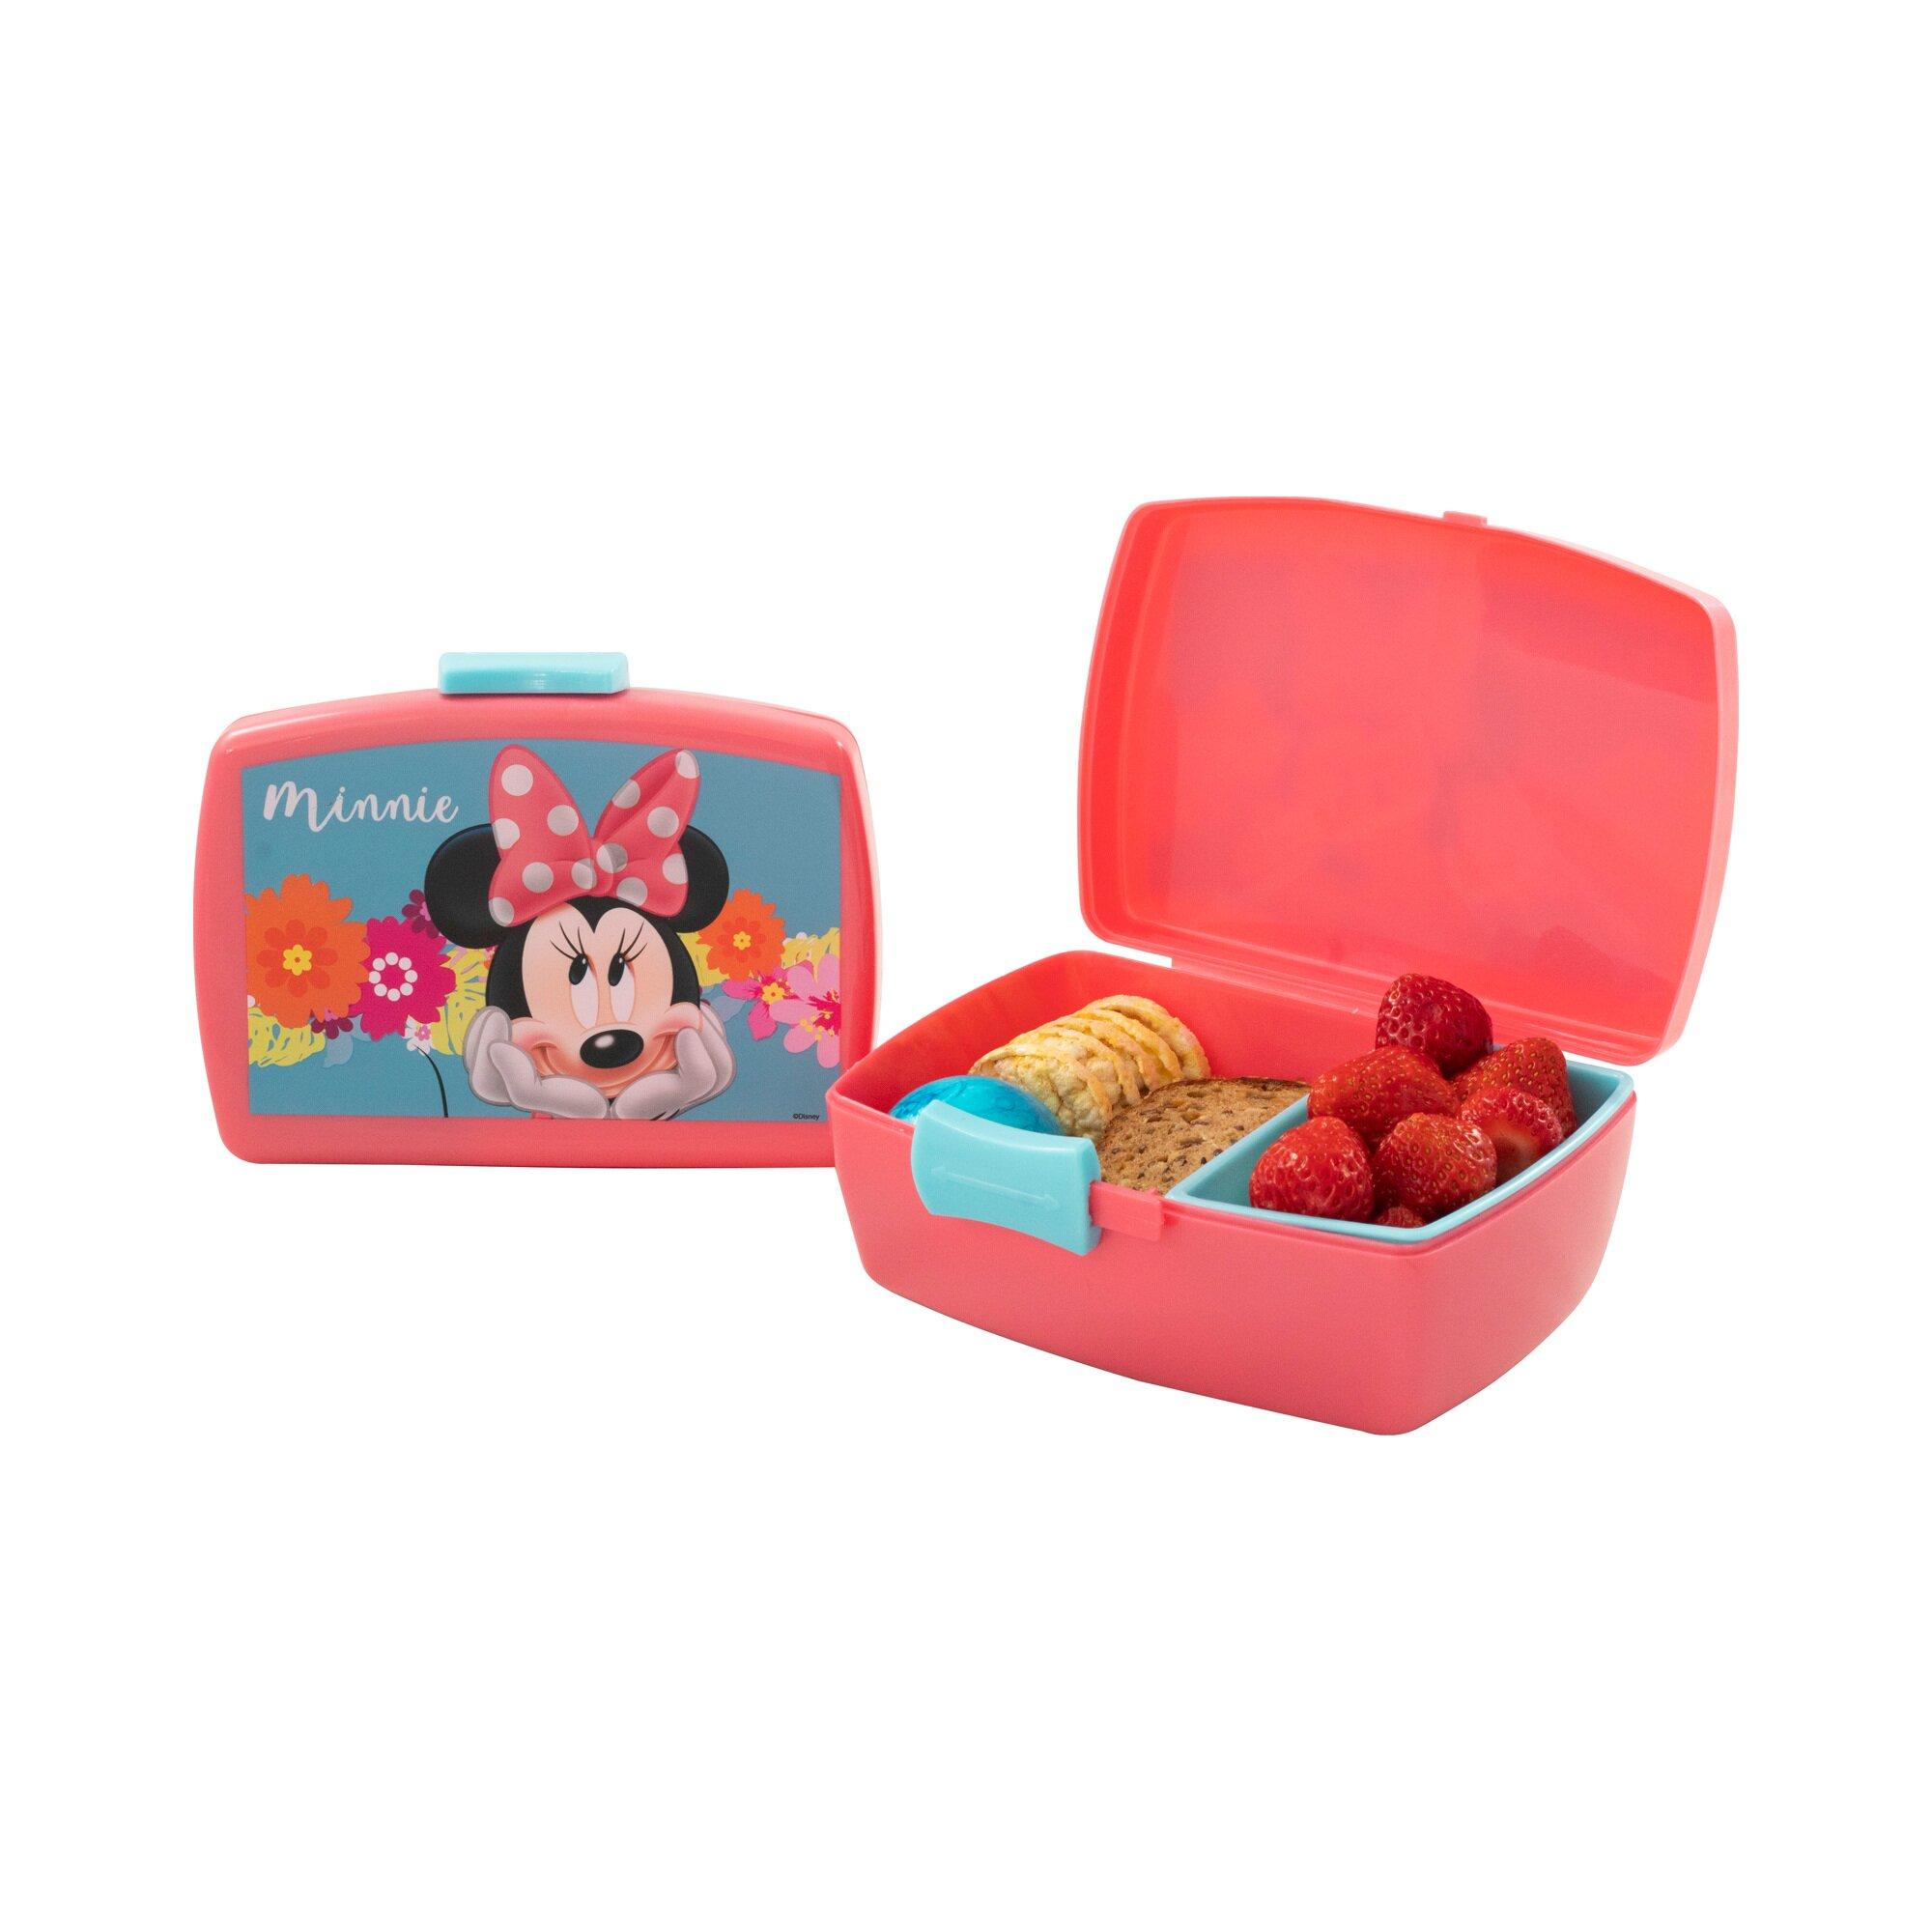 minnie-mouse-brotdose-mit-einsatz, 6.99 EUR @ babywalz-de